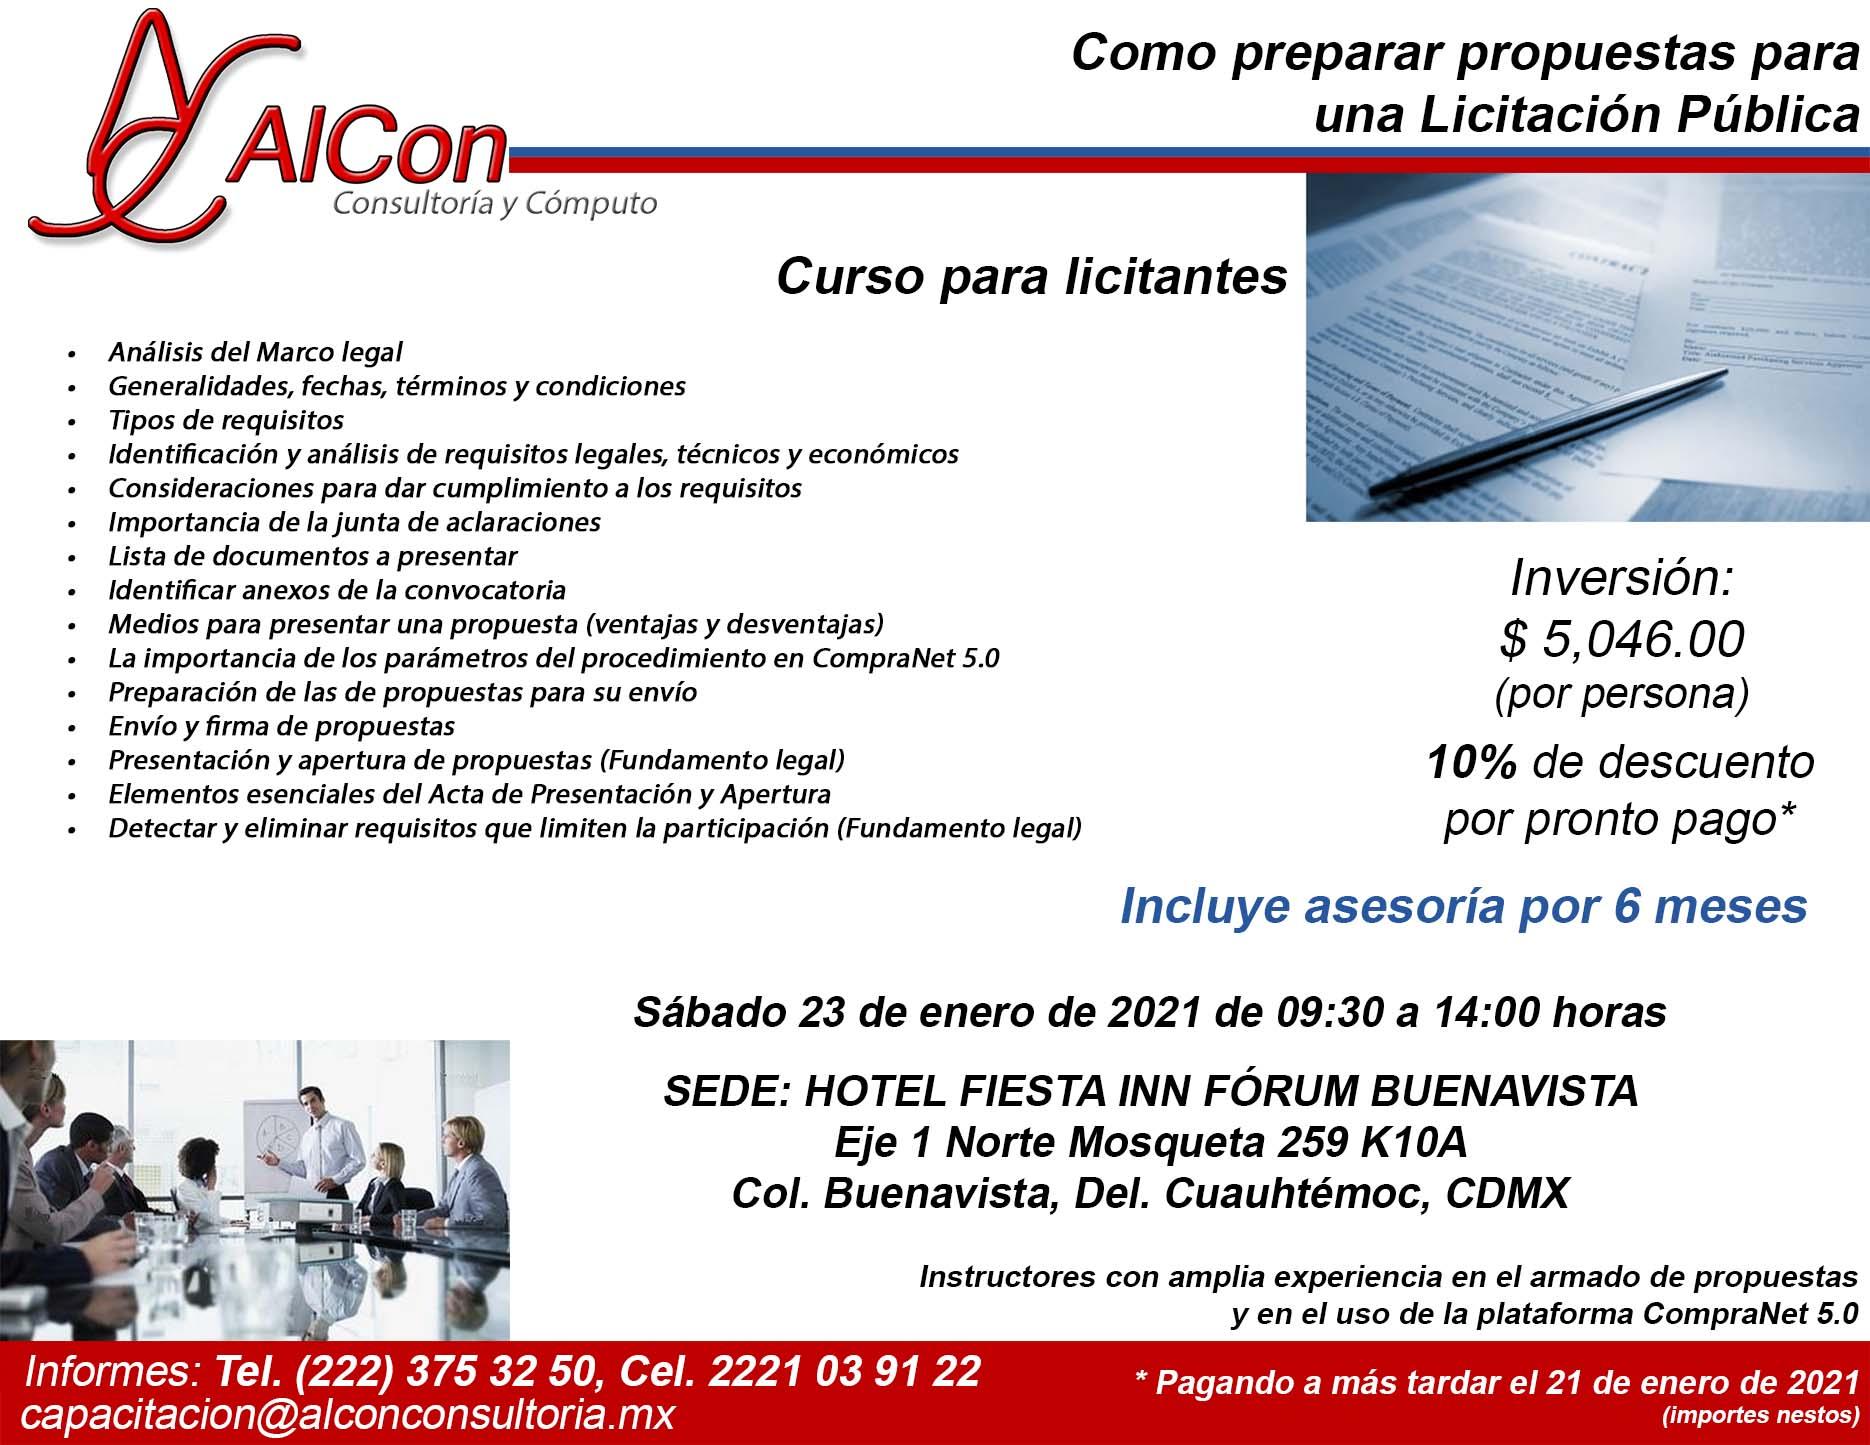 Curso Como preparar propuestas para una Licitación Pública, Ciudad de México, AlCon Consultoría y Cómputo, AlCon Consulting And Commerce, Arcadio Alonso Sánchez